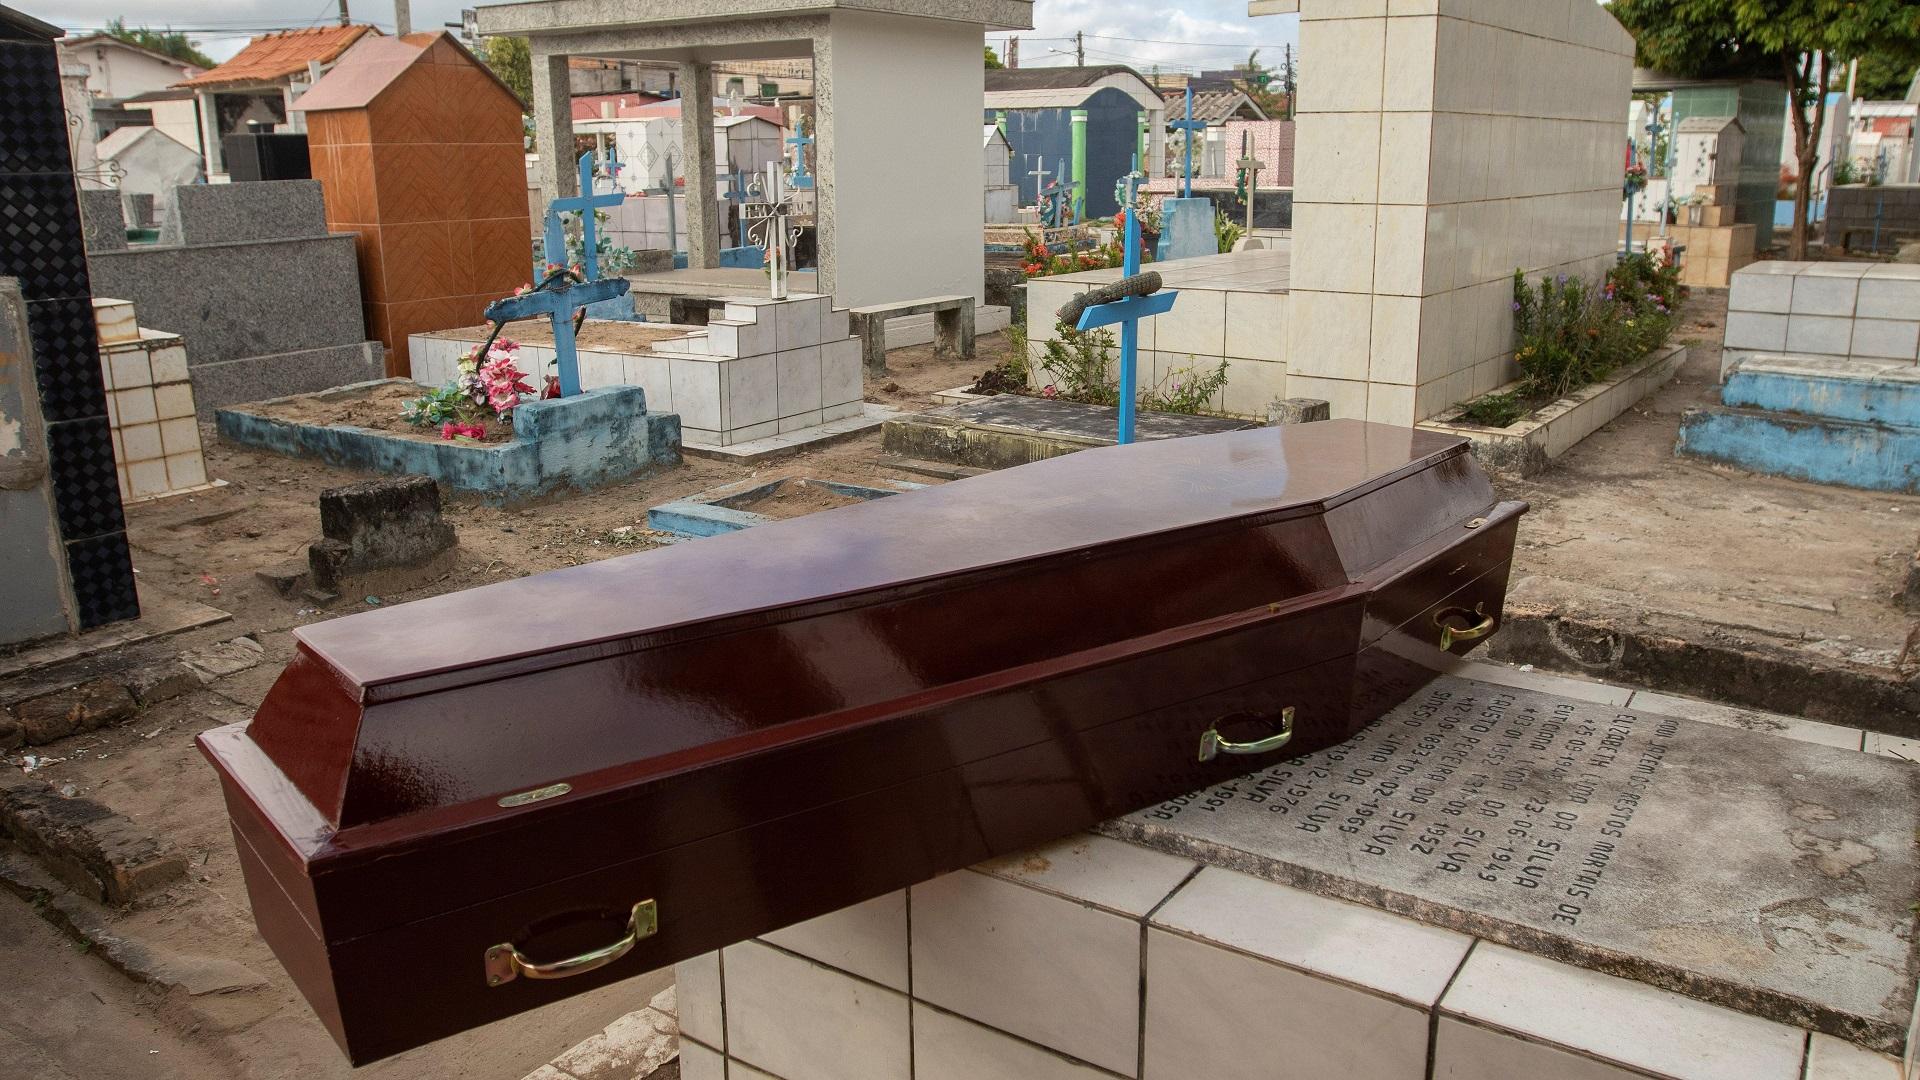 Ataúd para enterrar a una de las víctimas de la masacre del Centro de Recuperación Regional de Altamira. Foto de EFE / Joédson Alves